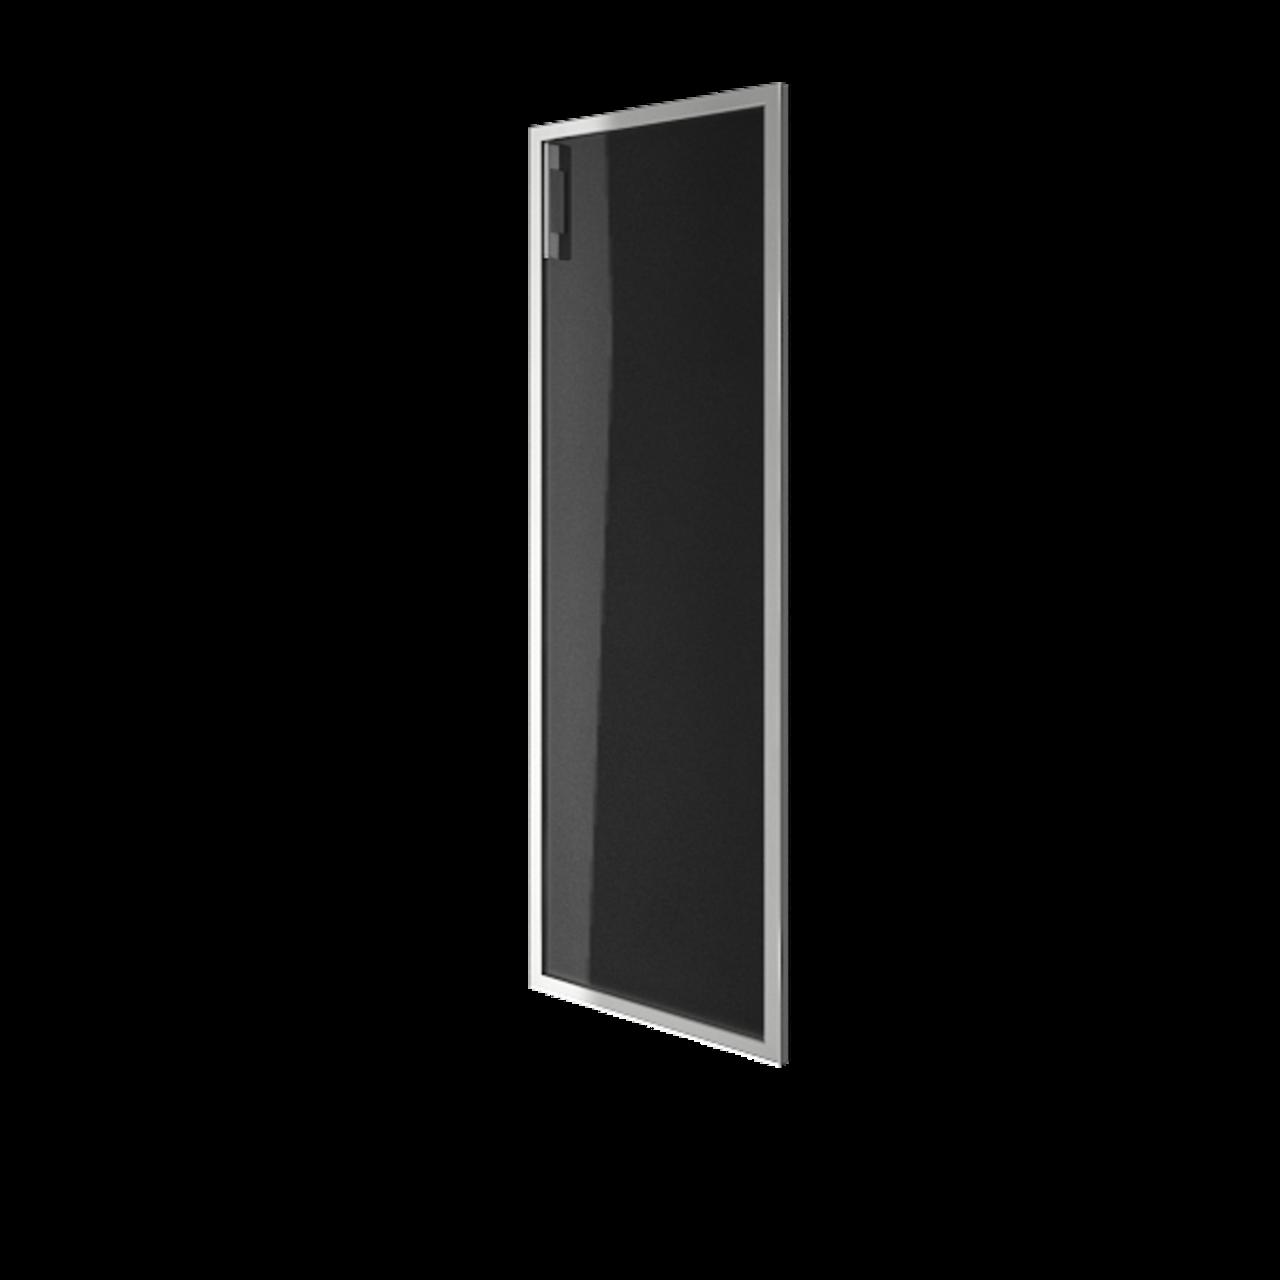 Дверь стекло в раме среднее Lacobel black правая - фото 1